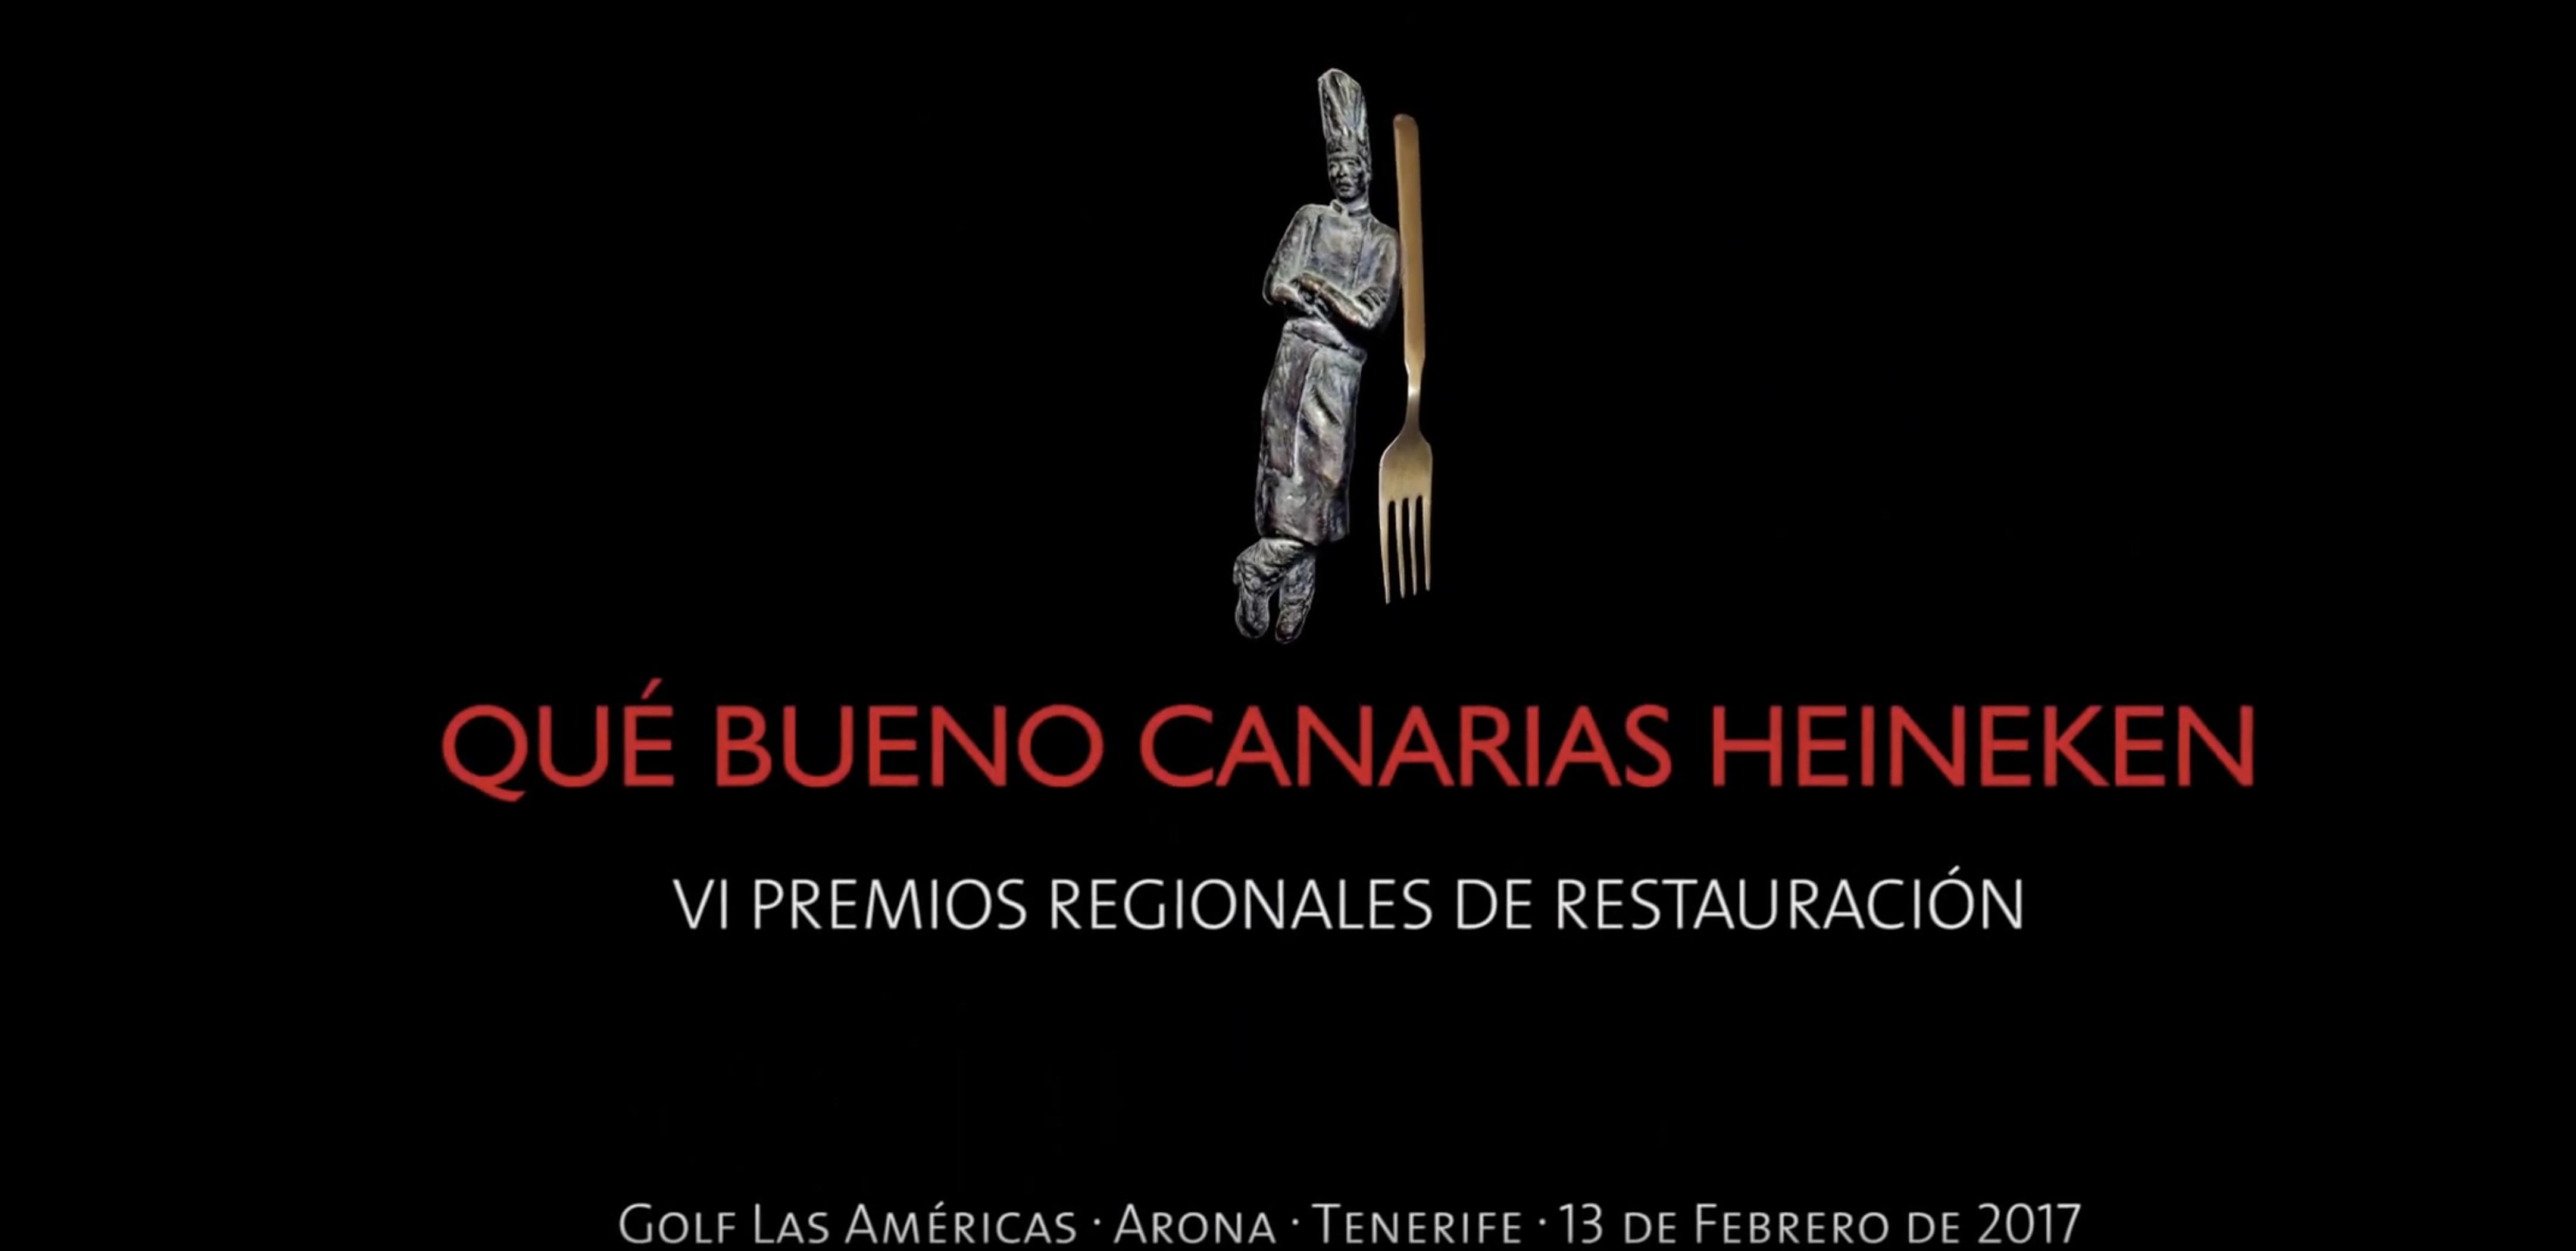 Premios Que Bueno Canarias. Guía Que Bueno canarias. La Mejor guía gastronómica de canarias